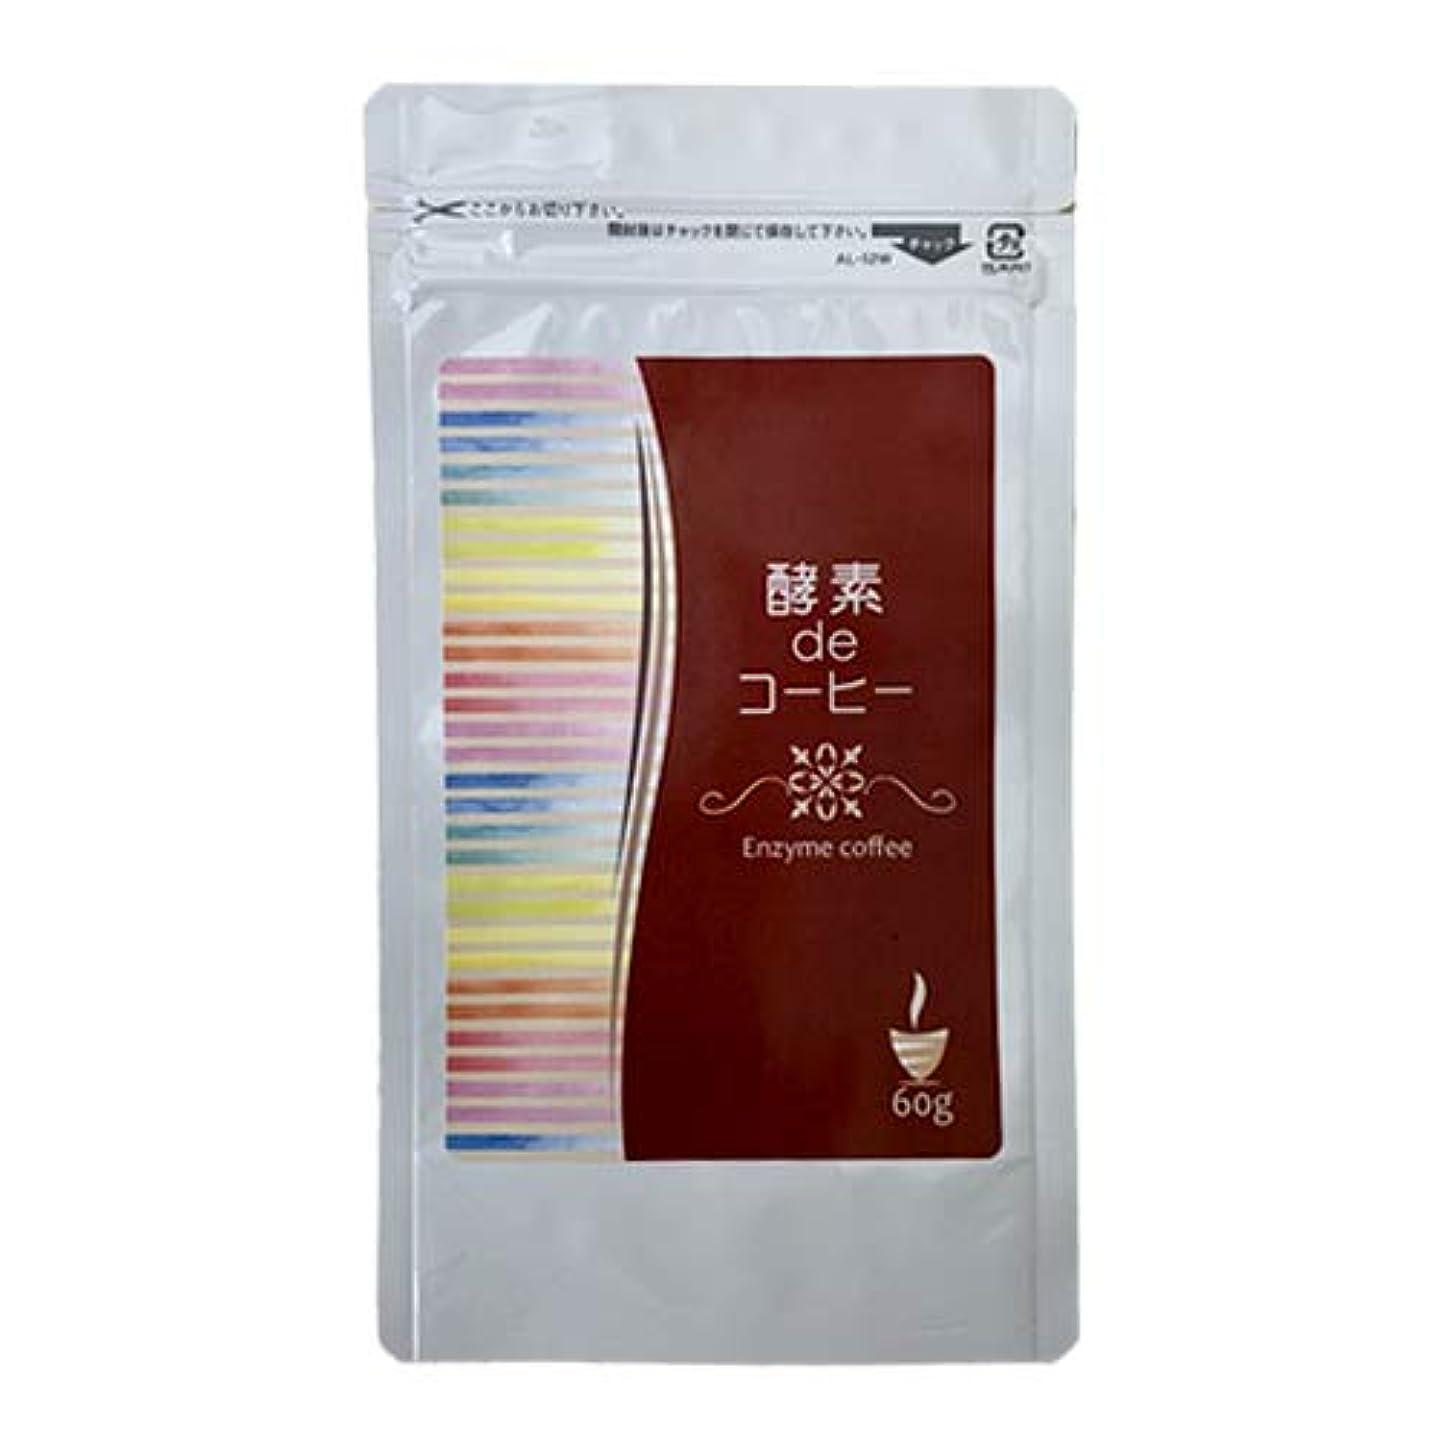 放散する失礼クラック酵素deコーヒー